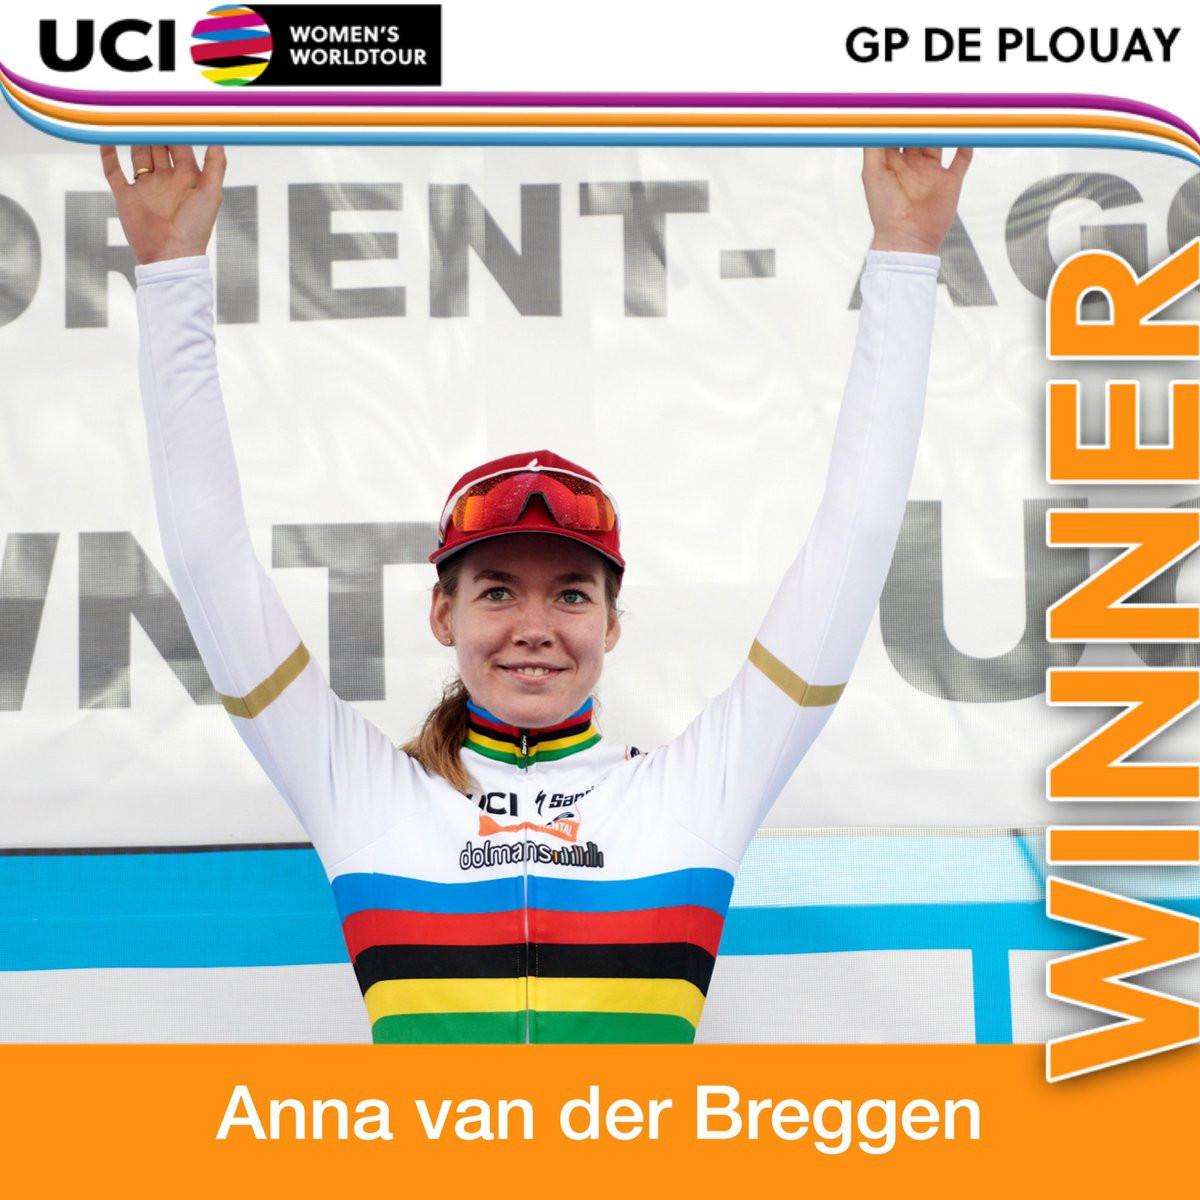 Van der Breggen triumphs at GP de Plouay